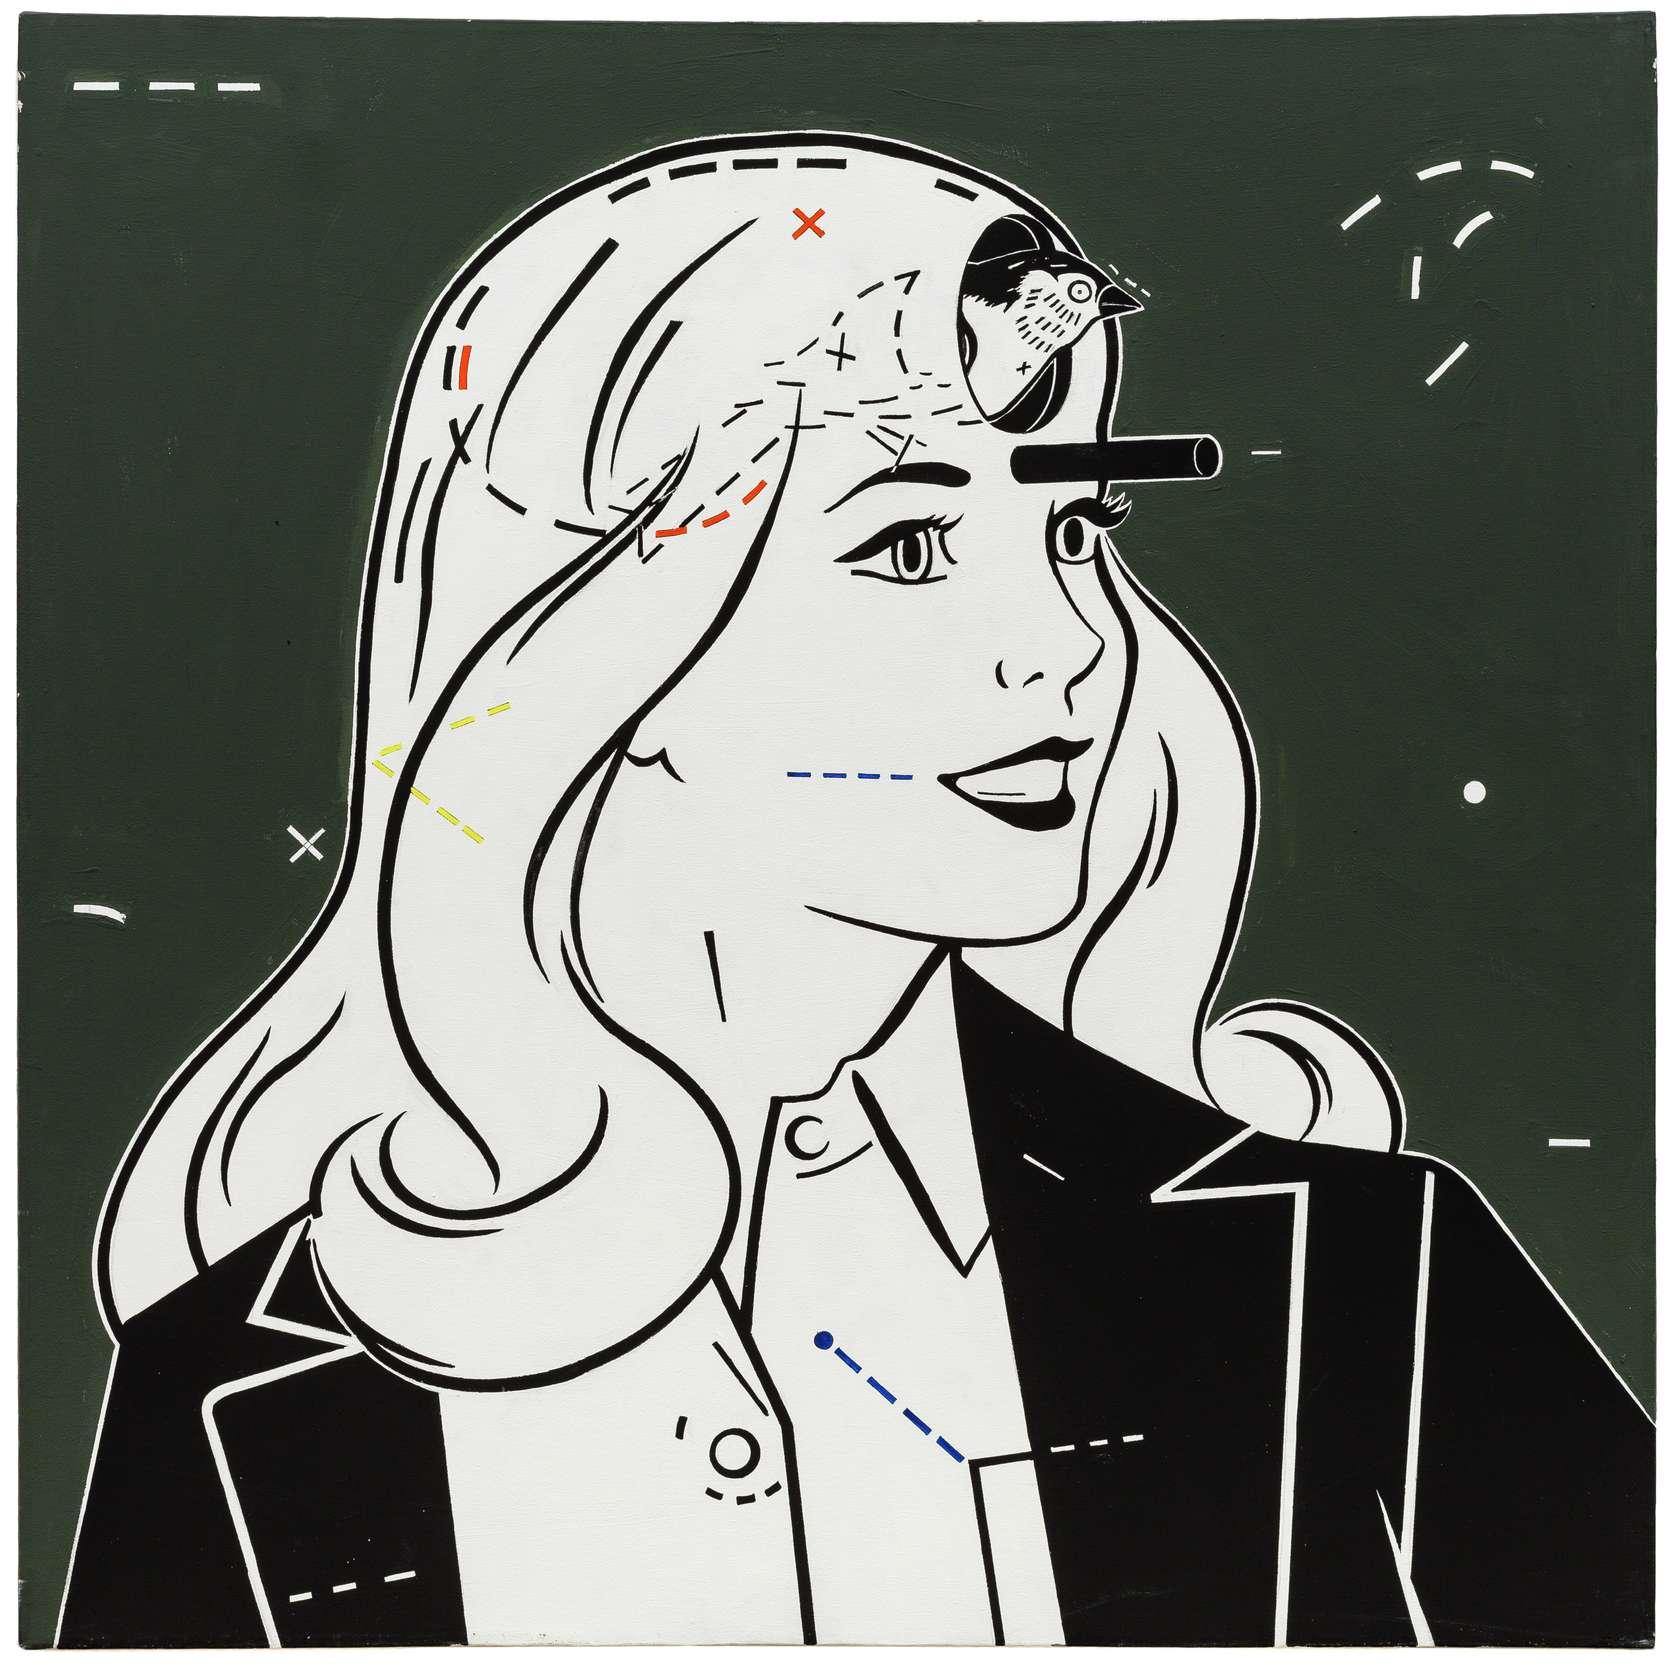 Steve Gianakos, Bird Brain #1, 1984 Acrylique sur toile91 x 91 cm / 35 7/8 x 35 7/8 inches